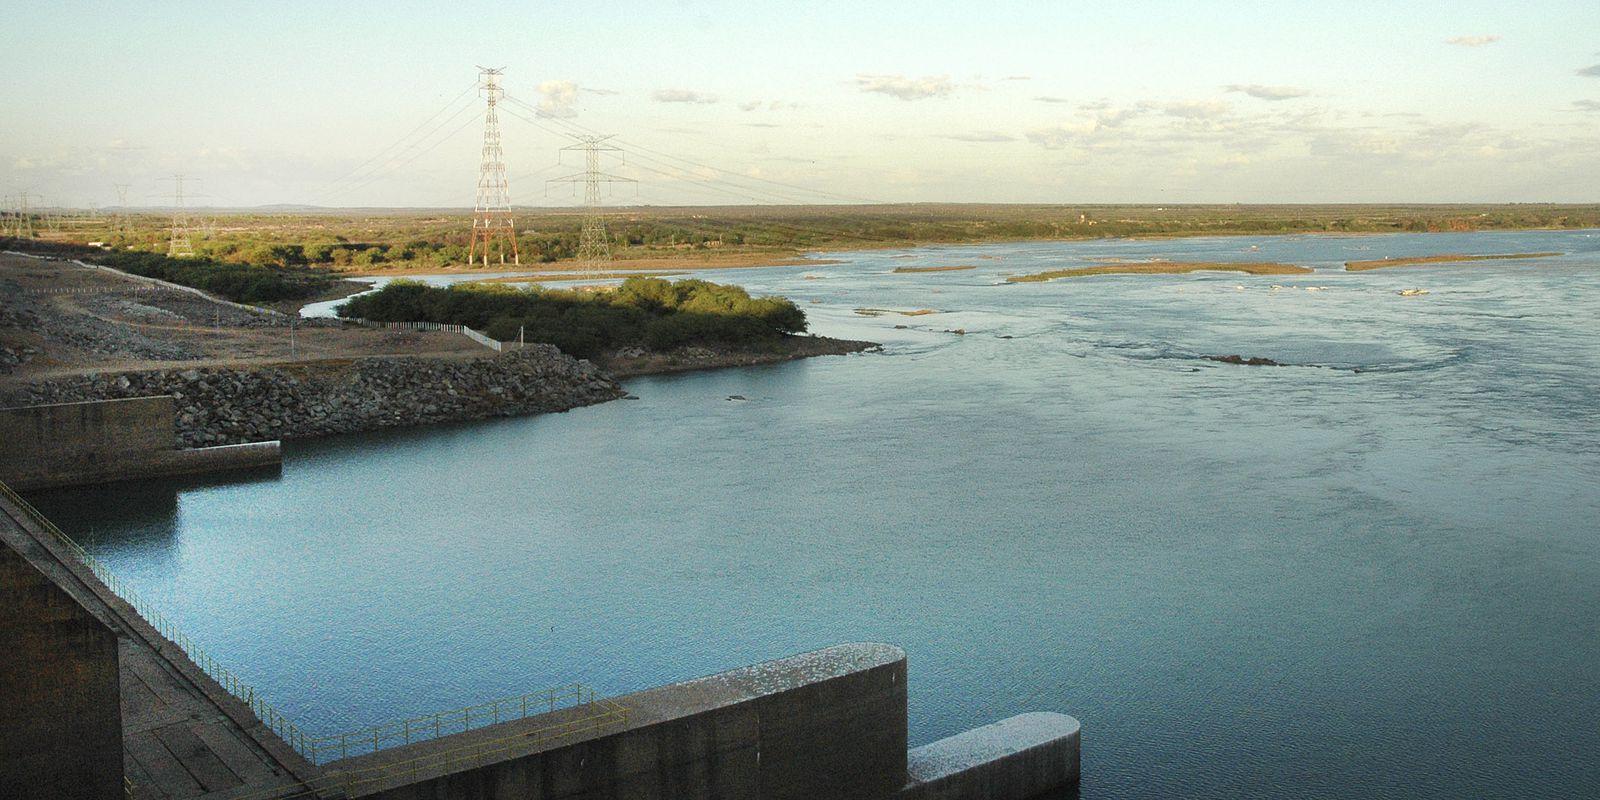 Reservatórios de hidrelétricas devem atingir em novembro menor nível em 20 anos, diz ONS